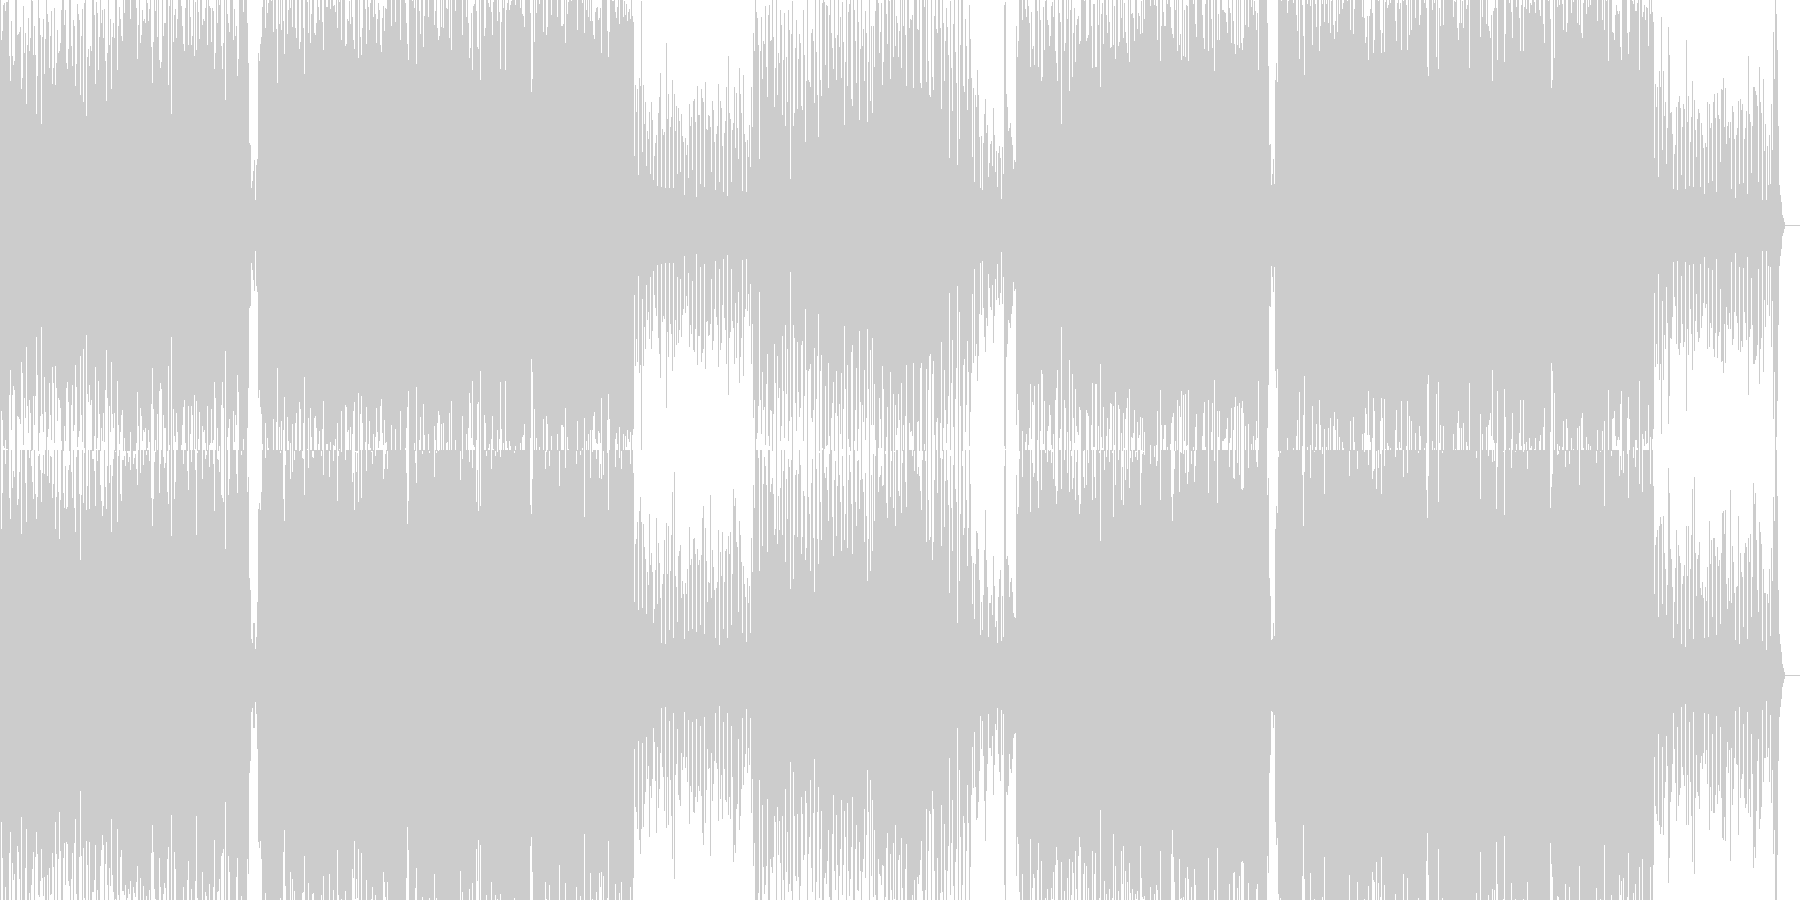 高揚感と伝染性のあるテクノサウンドの未再生の波形